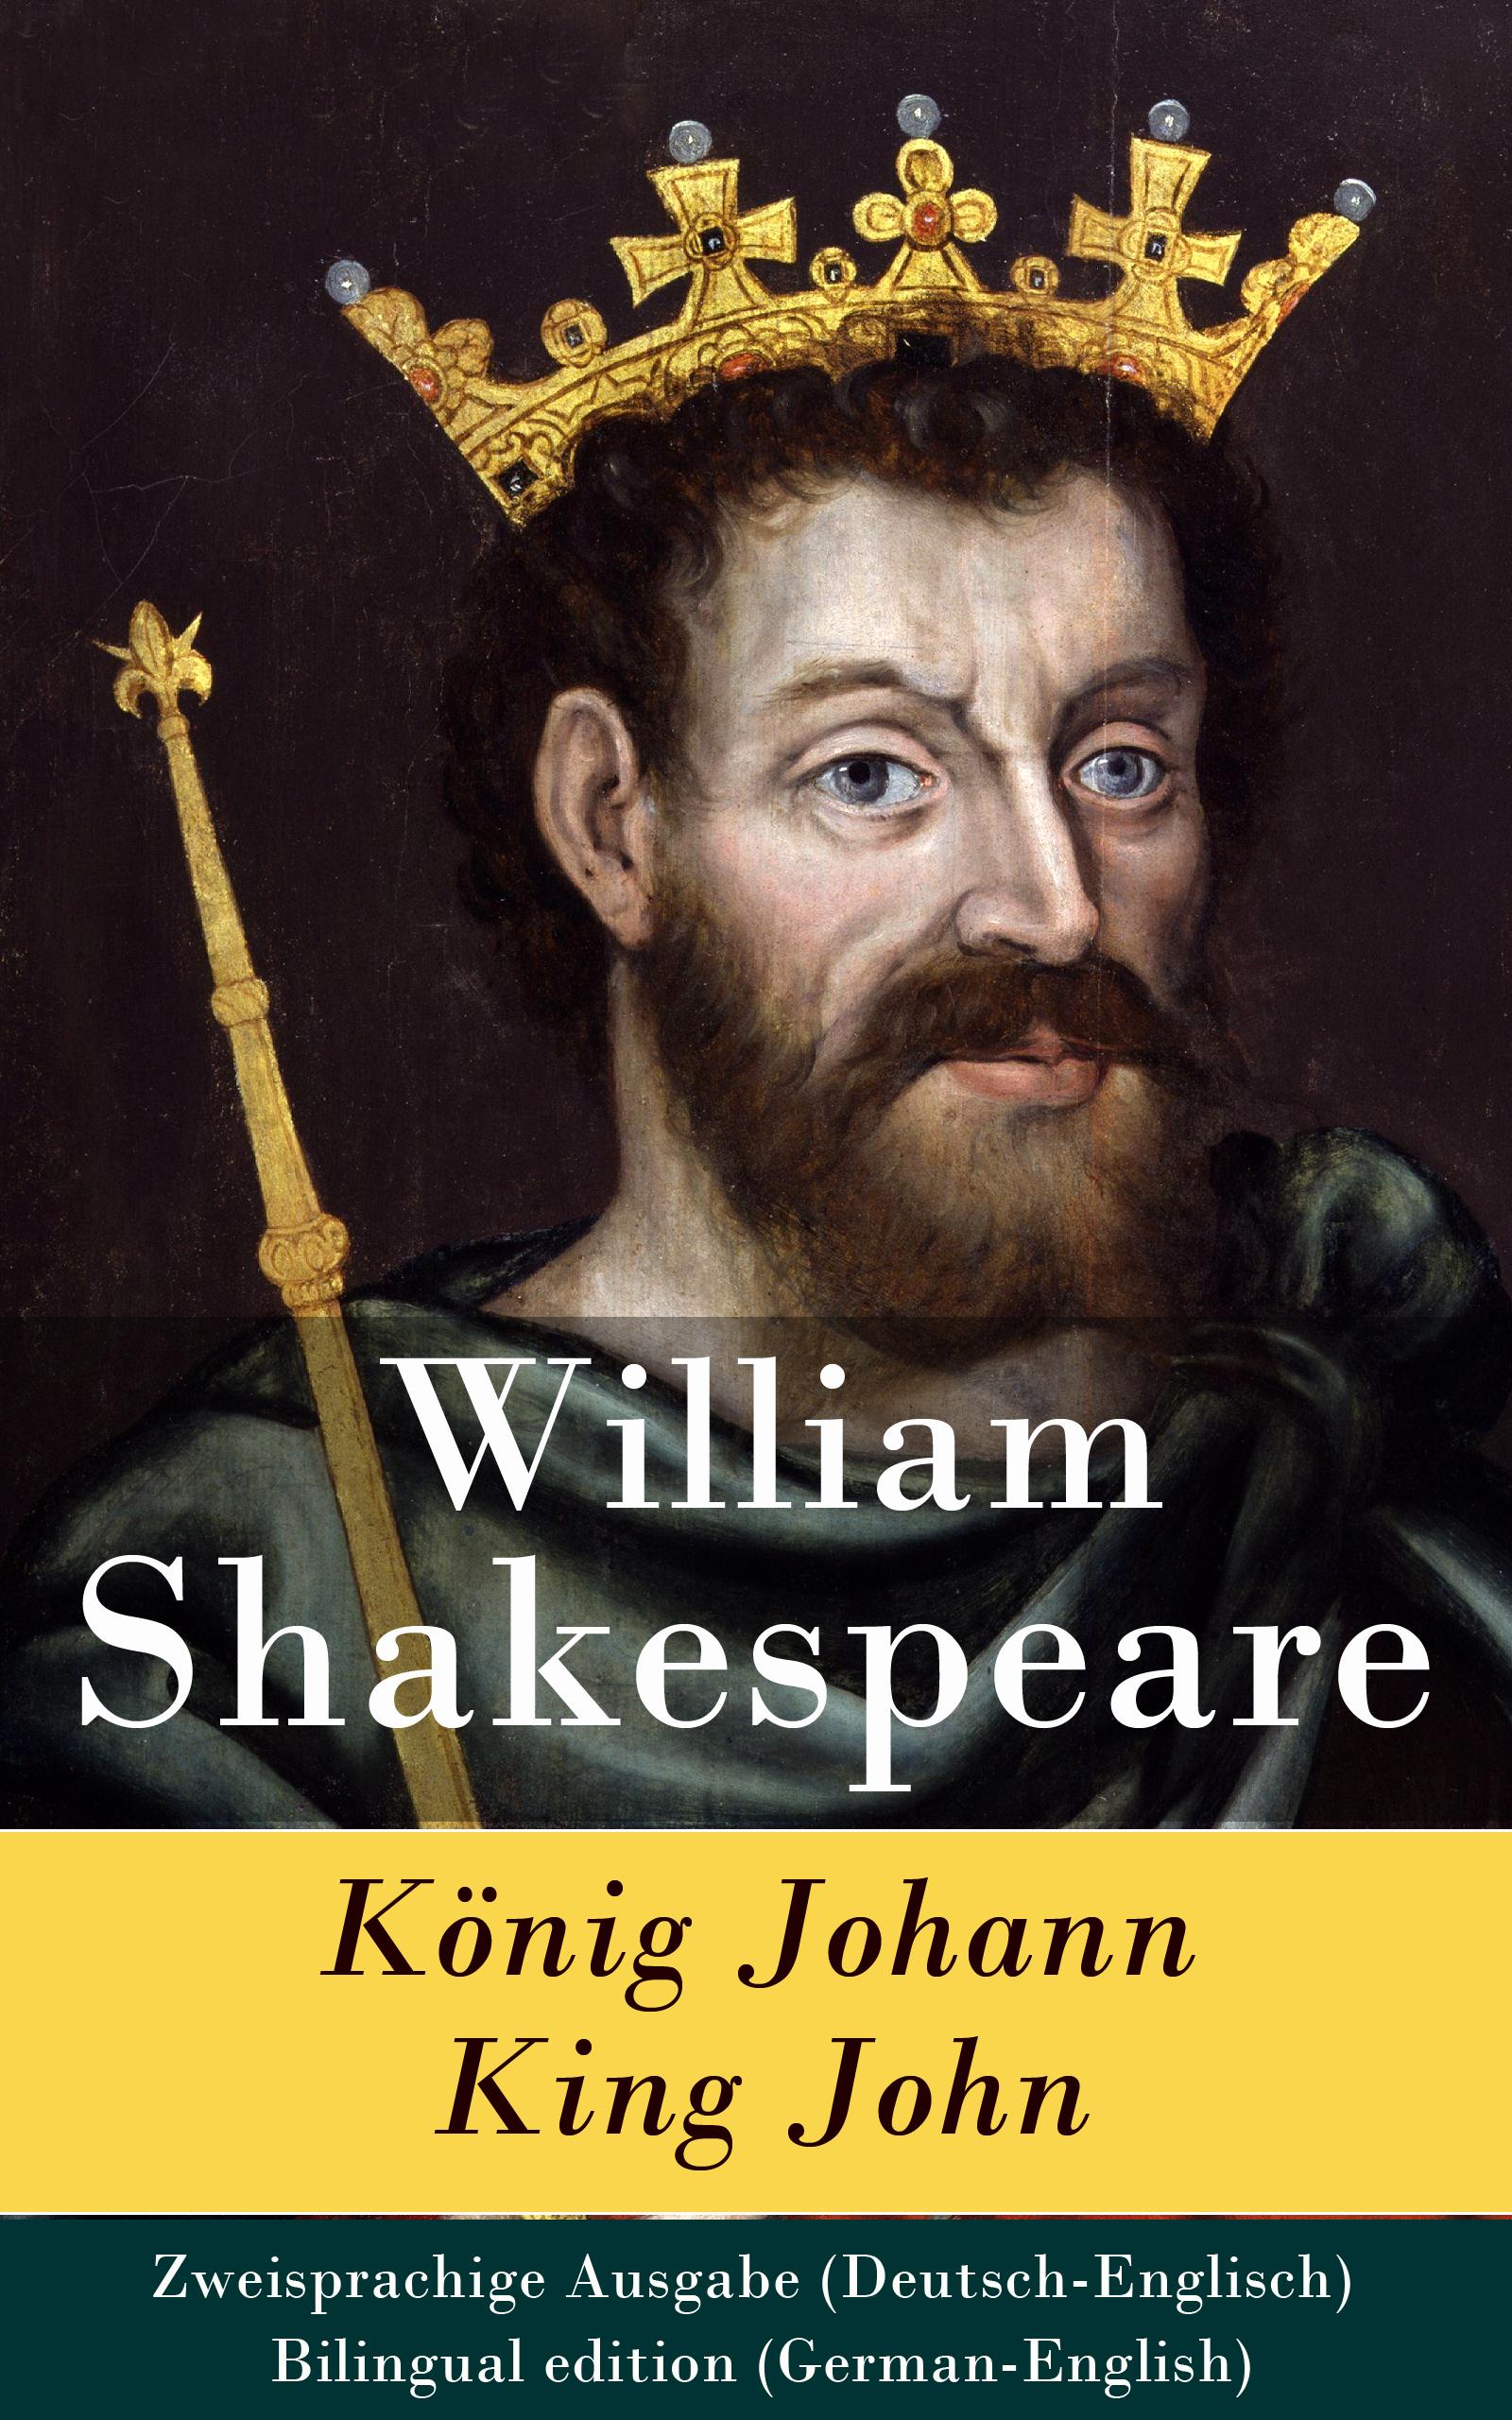 konig johann king john zweisprachige ausgabe deutsch englisch bilingual edition german english